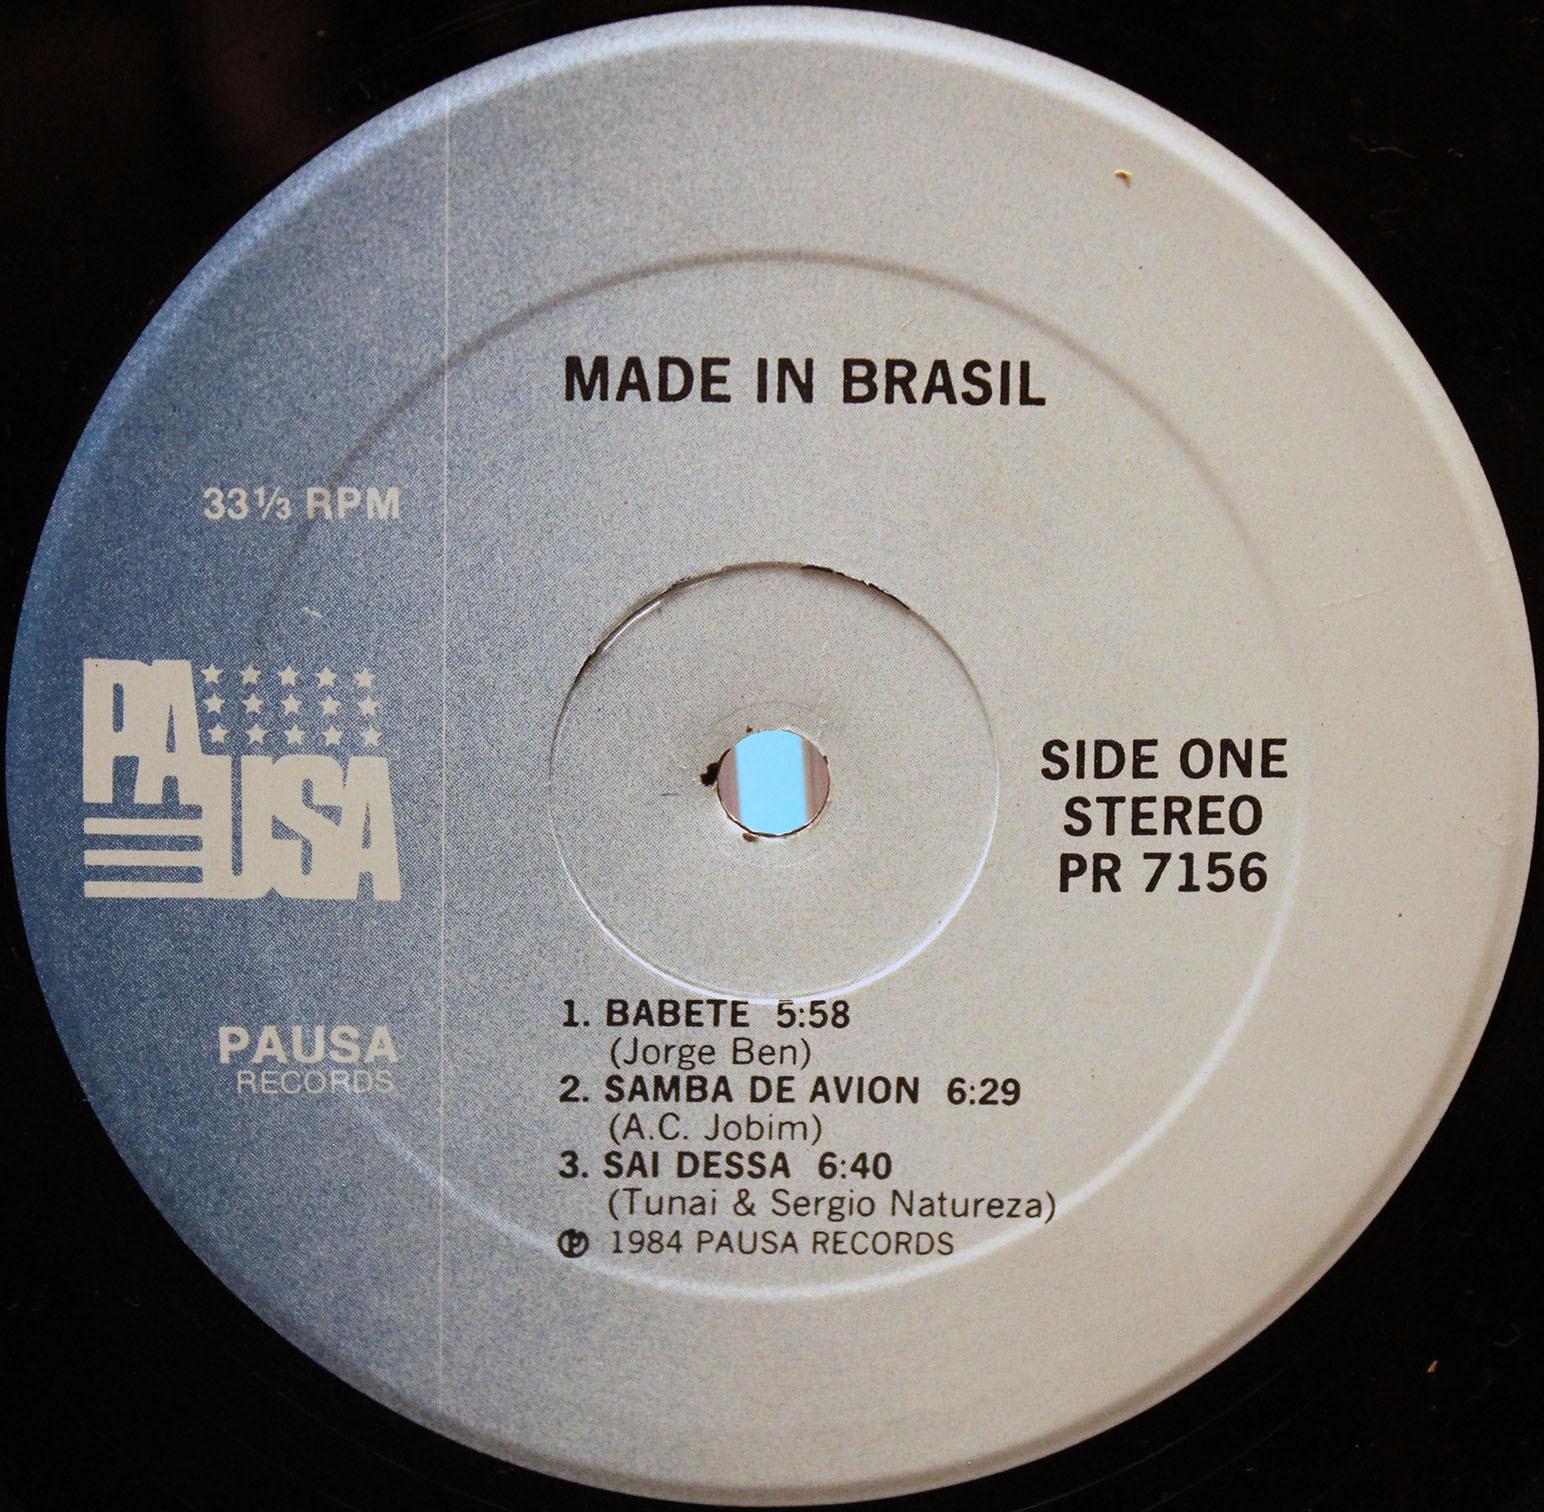 TUDO JOIA MADE IN BRASIL 03